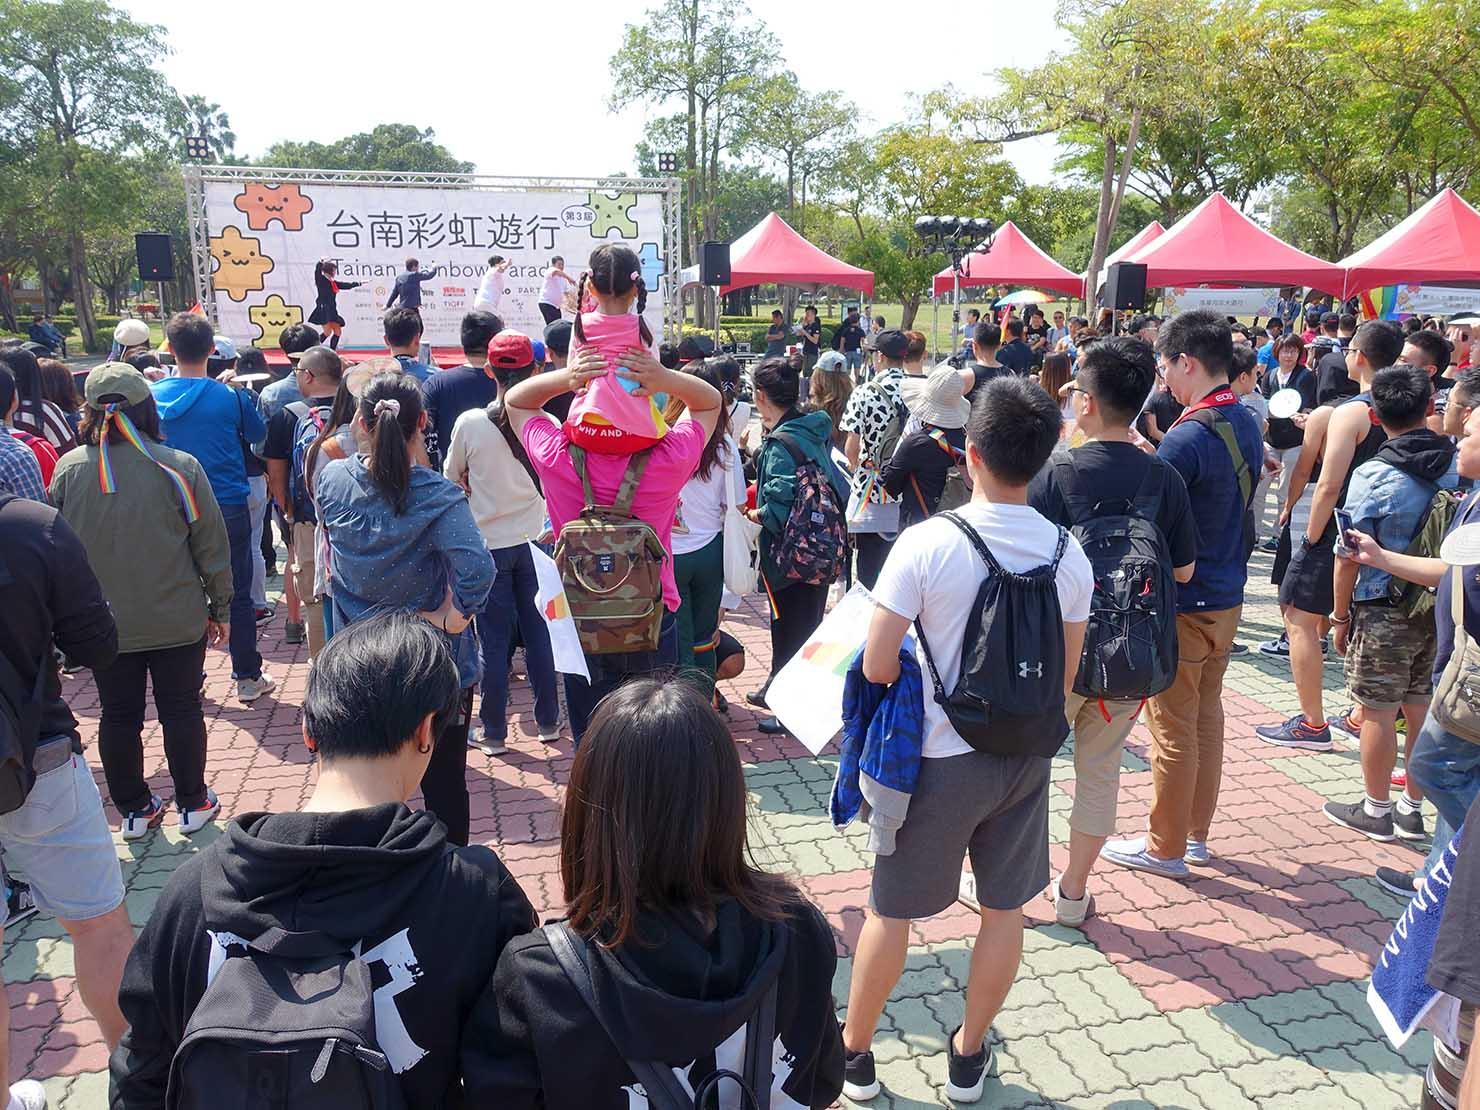 2018年台湾最初のLGBTプライド「台南彩虹遊行(台南レインボーパレード)」パレード出発前の会場